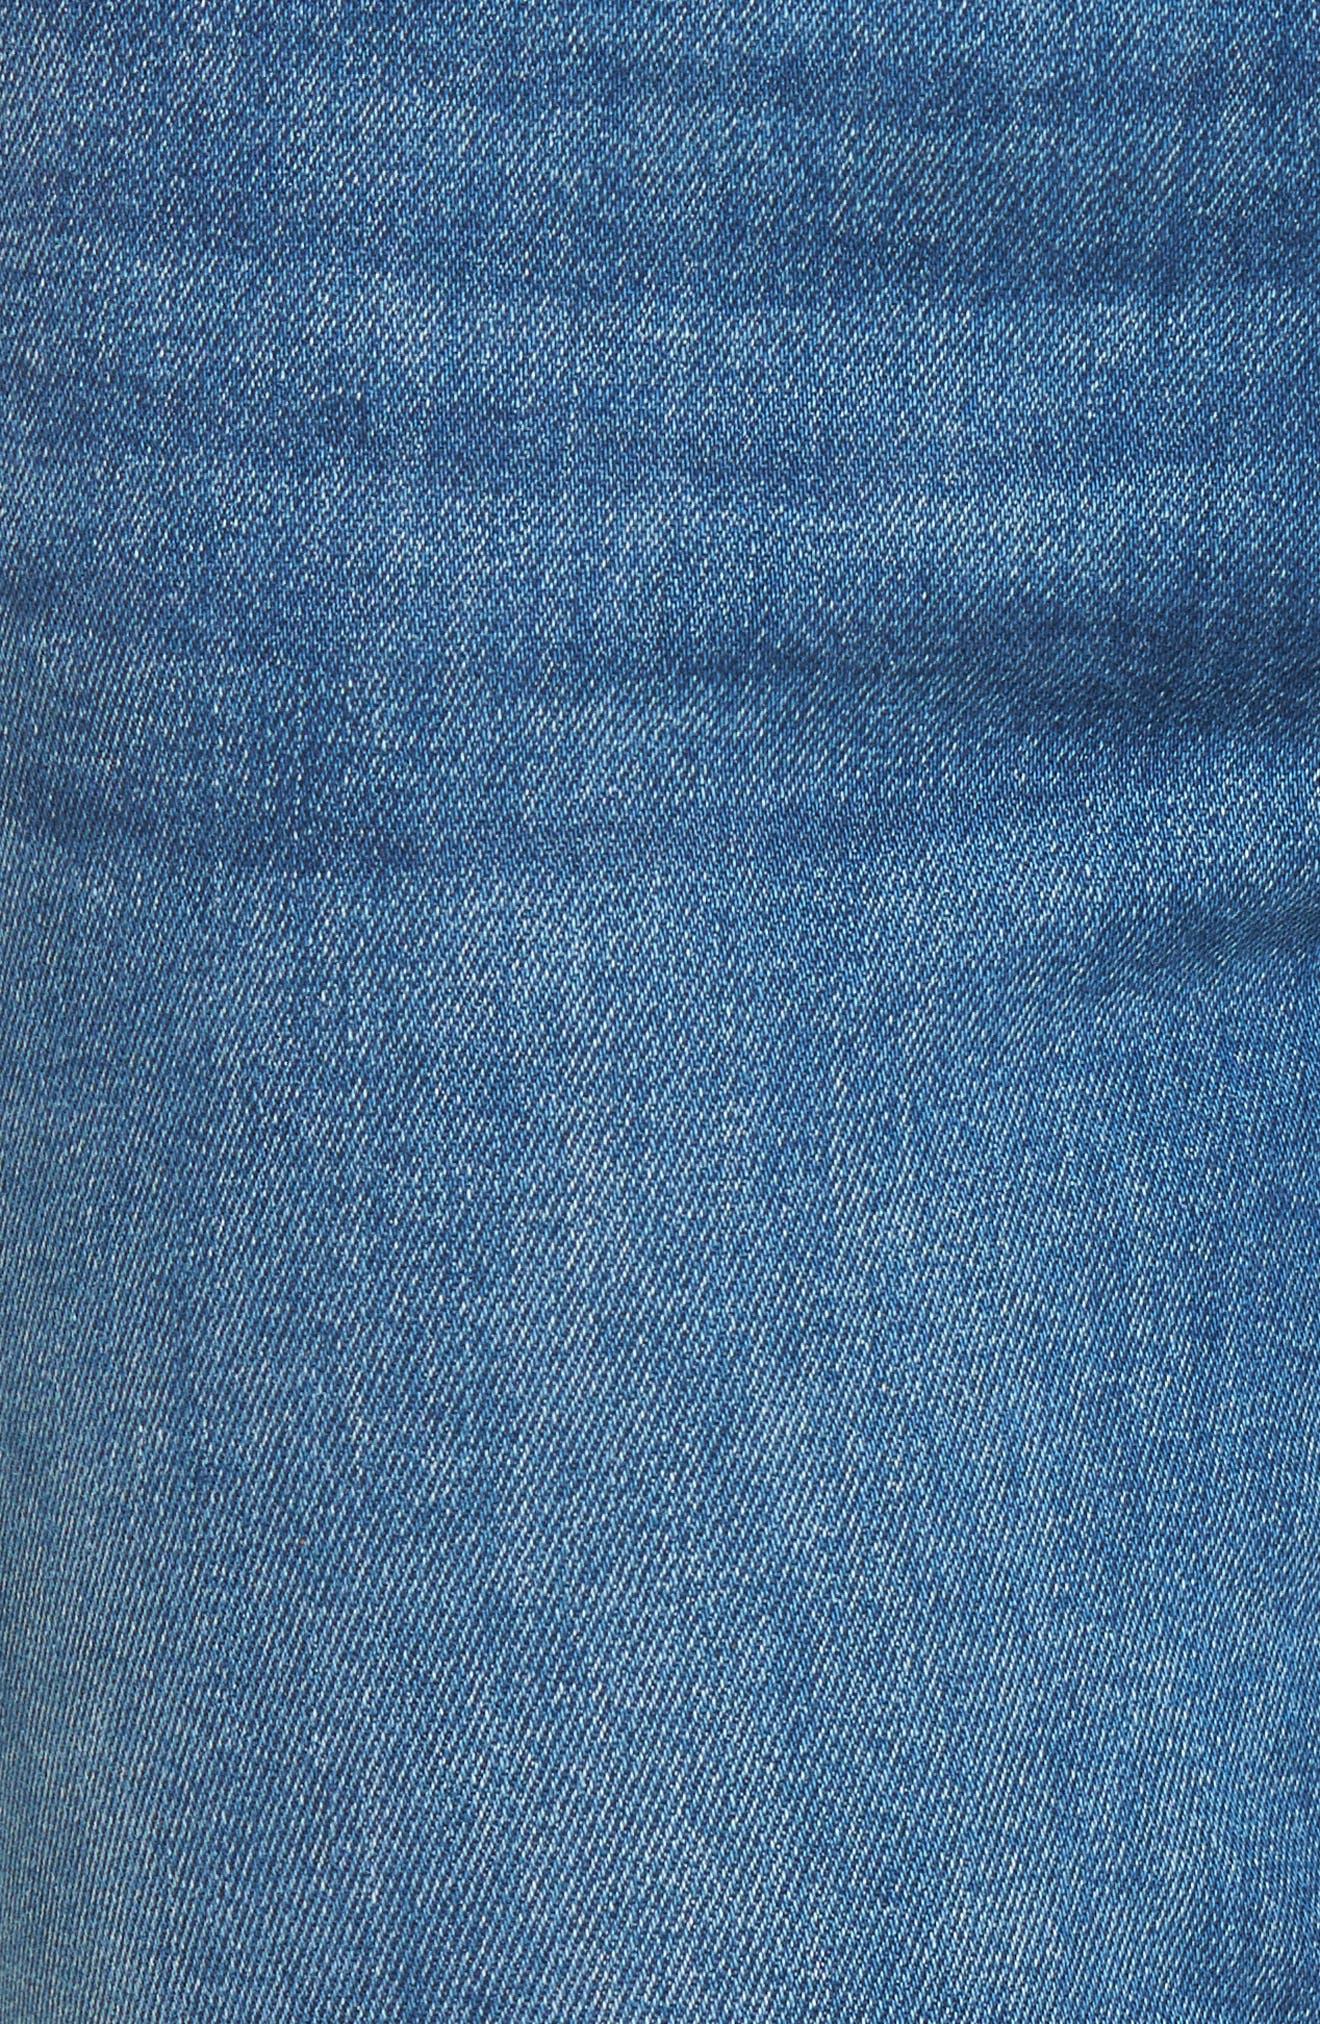 Alternate Image 5  - Vigoss Jagger Skinny Jeans